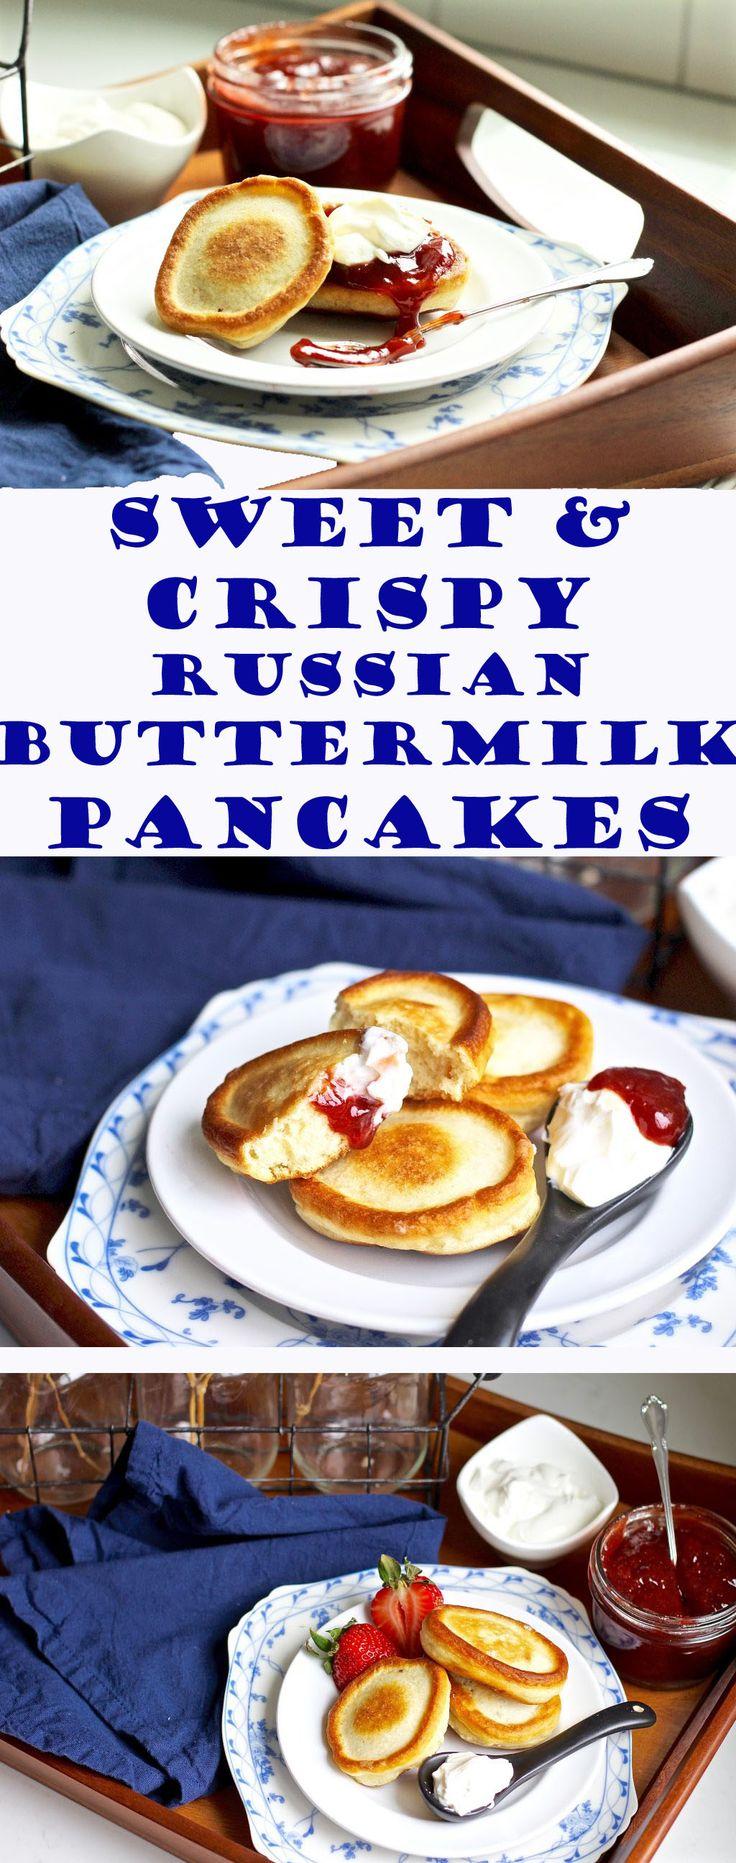 Sweet & Crispy Russian Buttermilk Pancakes